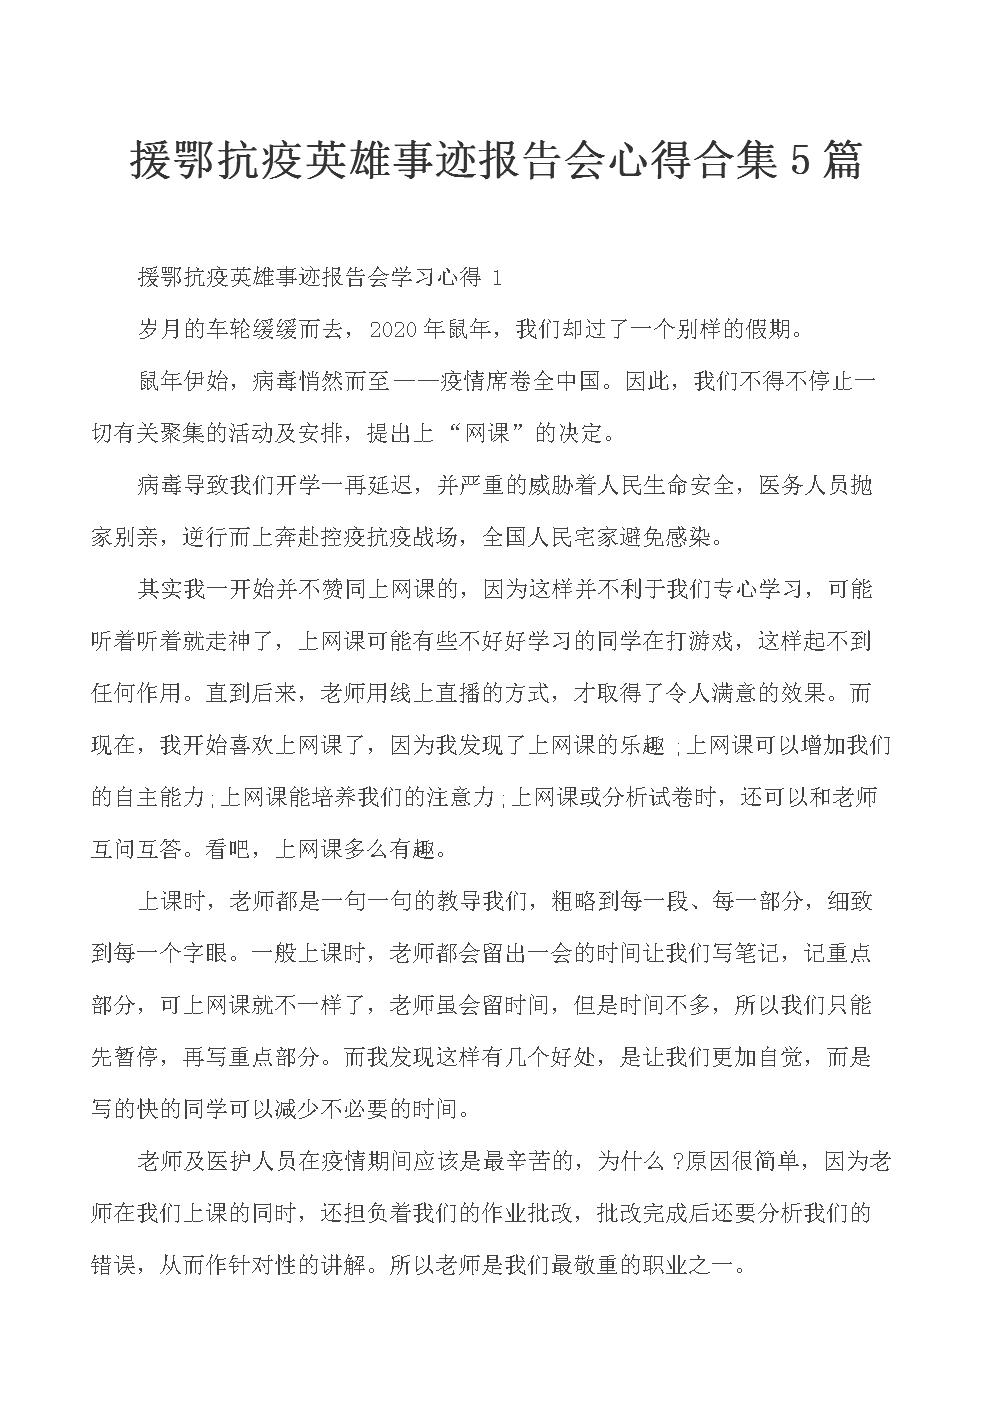 援鄂抗疫英雄事迹报告会心得合集5篇.docx